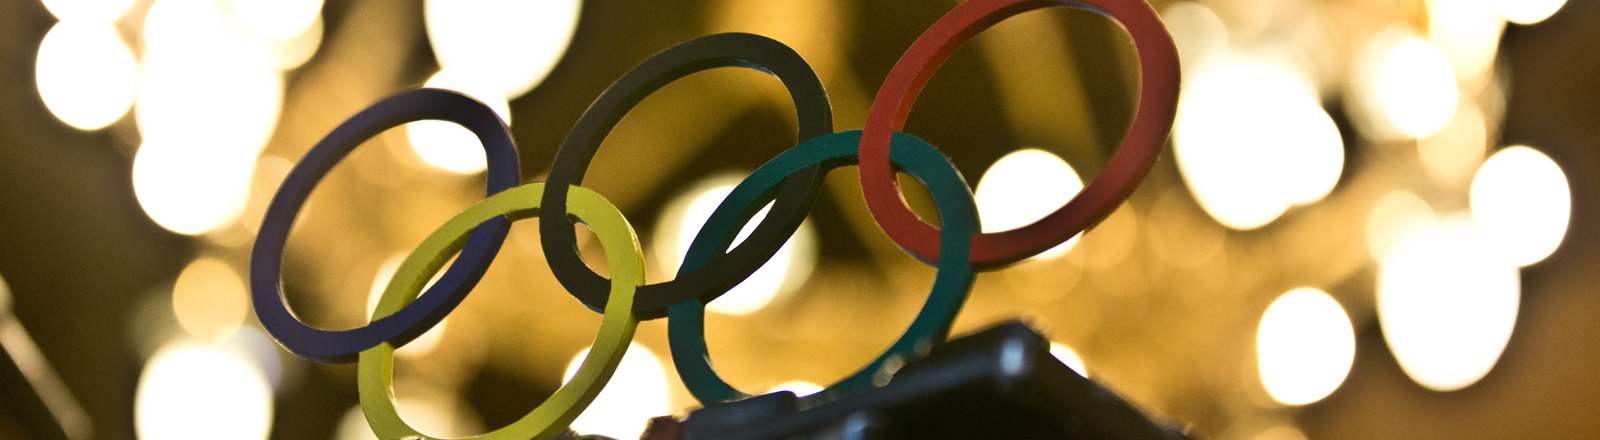 Die Requisiten eines Fernsehteams, Olympische Ringe aus Holz, stehen am 08.10.2015 auf einem Kamerastativ bei einer Pressekonferenz zum Finanzreport für die Olympischen Spiele 2024 in Hamburg.